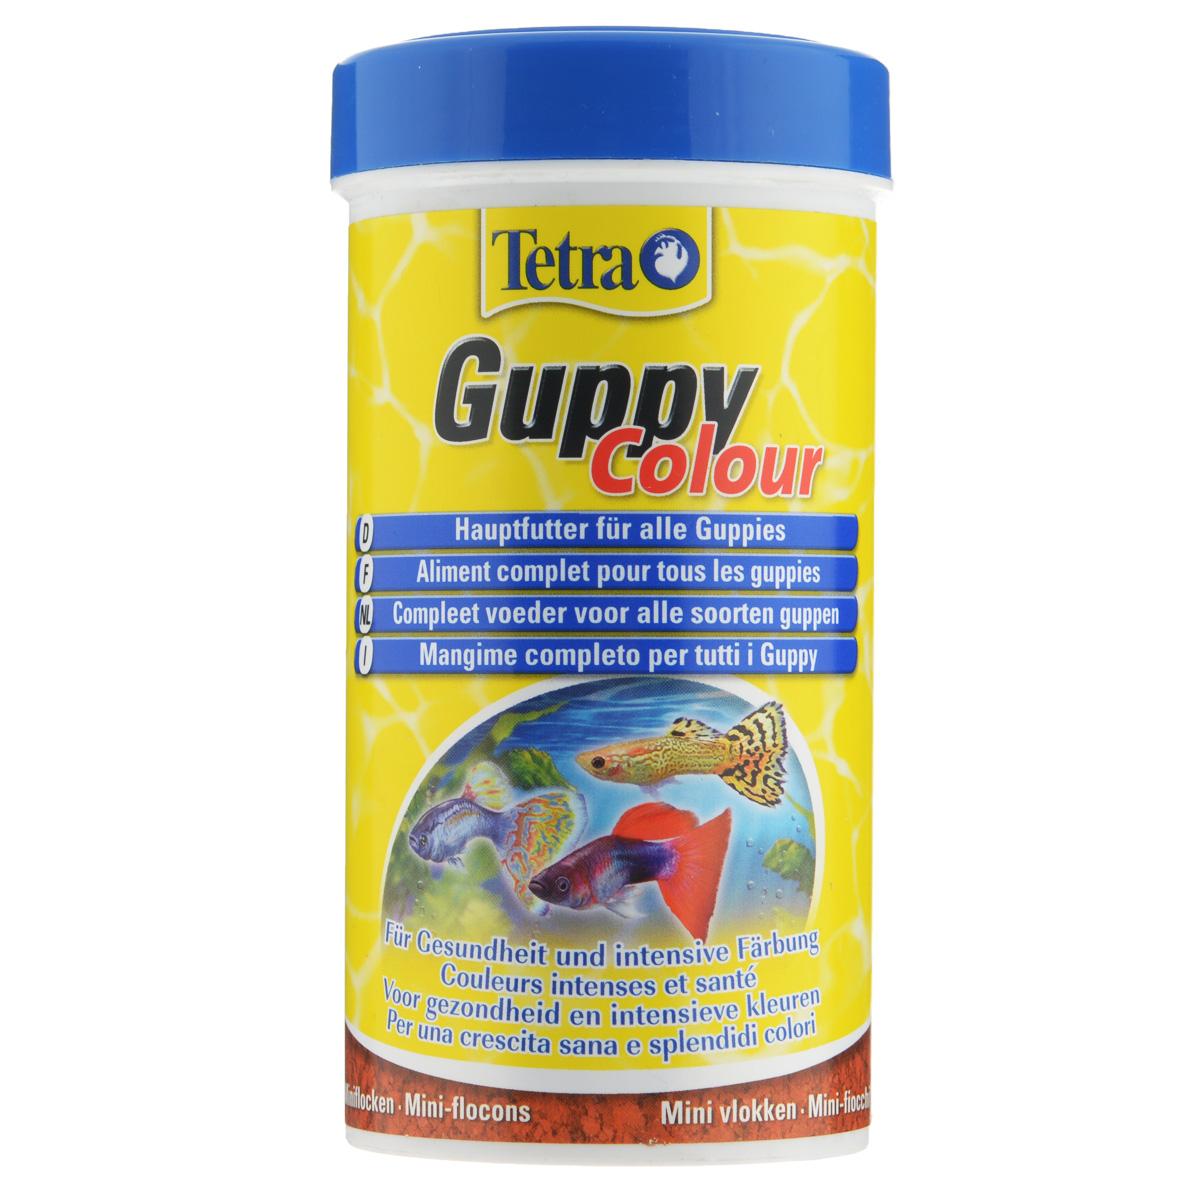 Корм Tetra Guppy Colour  для всех видов гуппи, в виде мини-хлопьев, 250 мл197190Корм Tetra Guppy Colour  - это полноценный корм в виде мини-хлопьев для всех видов гуппи, а также для других живородящих аквариумных рыб. Содержит натуральные усилители окраски (каротиноиды, полученные из некоторых видов растений и ракообразных). Содержит легкоусвояемый растительный белок. Улучшает иммунную систему и развитие организма. Рекомендации по кормлению: кормить несколько раз в день маленькими порциями. Характеристики: Состав: рыба и побочные рыбные продукты, экстракты растительного белка, зерновые культуры, растительные продукты, дрожжи, моллюски и раки, масла и жиры, водоросли, минеральные вещества. Пищевая ценность: сырой белок - 45%, сырые масла и жиры - 8%, сырая клетчатка - 4%, влага - 8%. Добавки: витамины, провитамины и химические вещества с аналогичным воздействием: витамин А 27200 МЕ/кг, витамин Д3 1700 МЕ/кг. Красители, антиоксиданты. Вес: 250 мл (75 г).Товар сертифицирован.